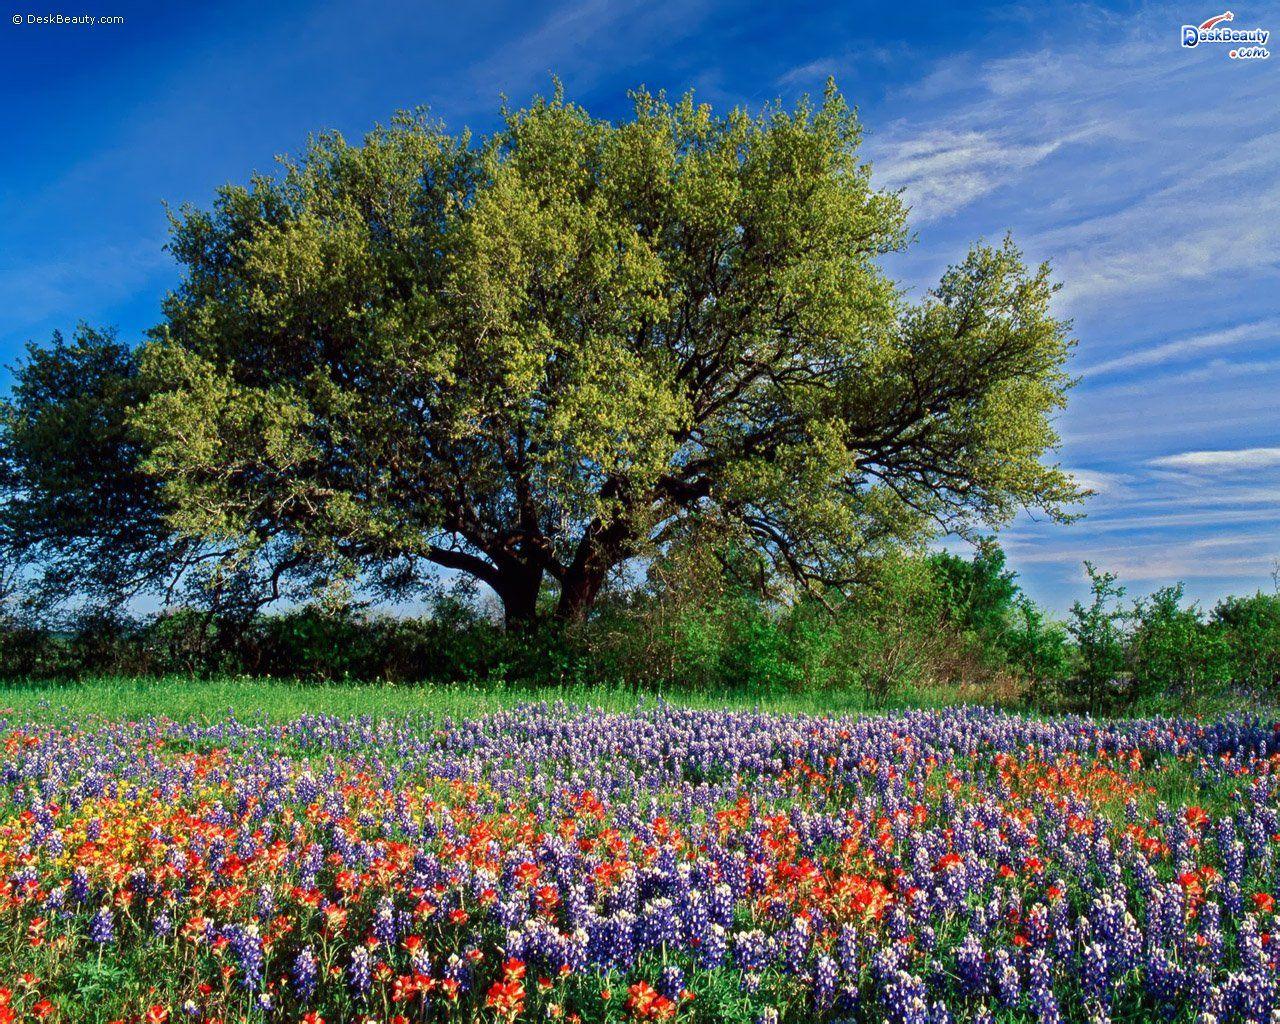 ad001f1b697e3f7c2d4a78f36175ba3d - Hill Country Gardens New Braunfels Tx Facebook